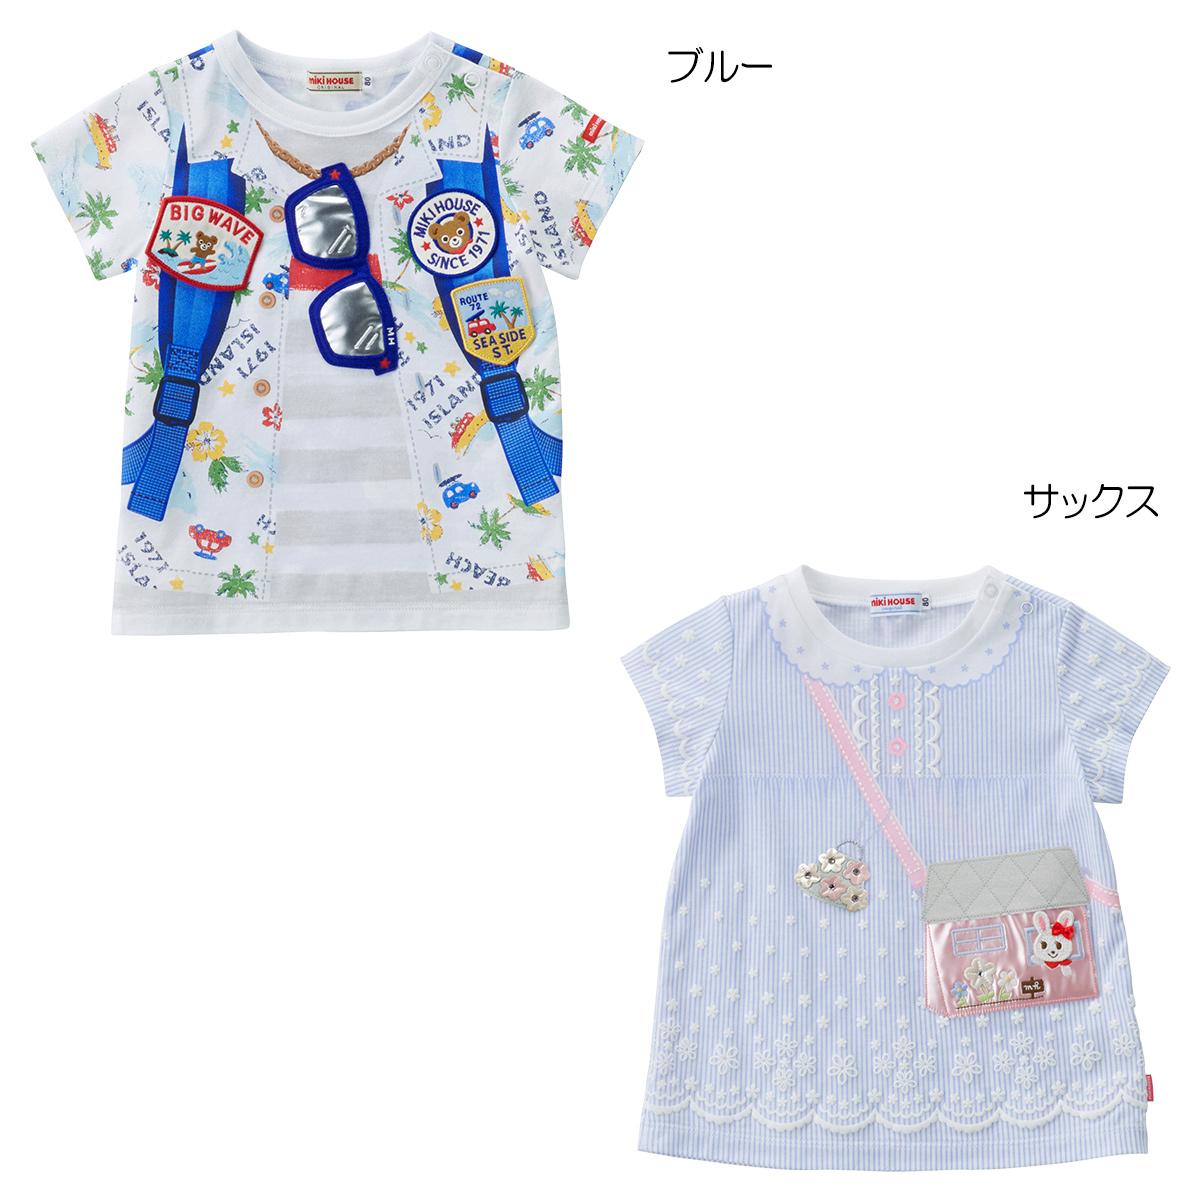 ミキハウス mikihouse プッチー&うさこフェイクモチーフ半袖Tシャツ(120cm・130cm)